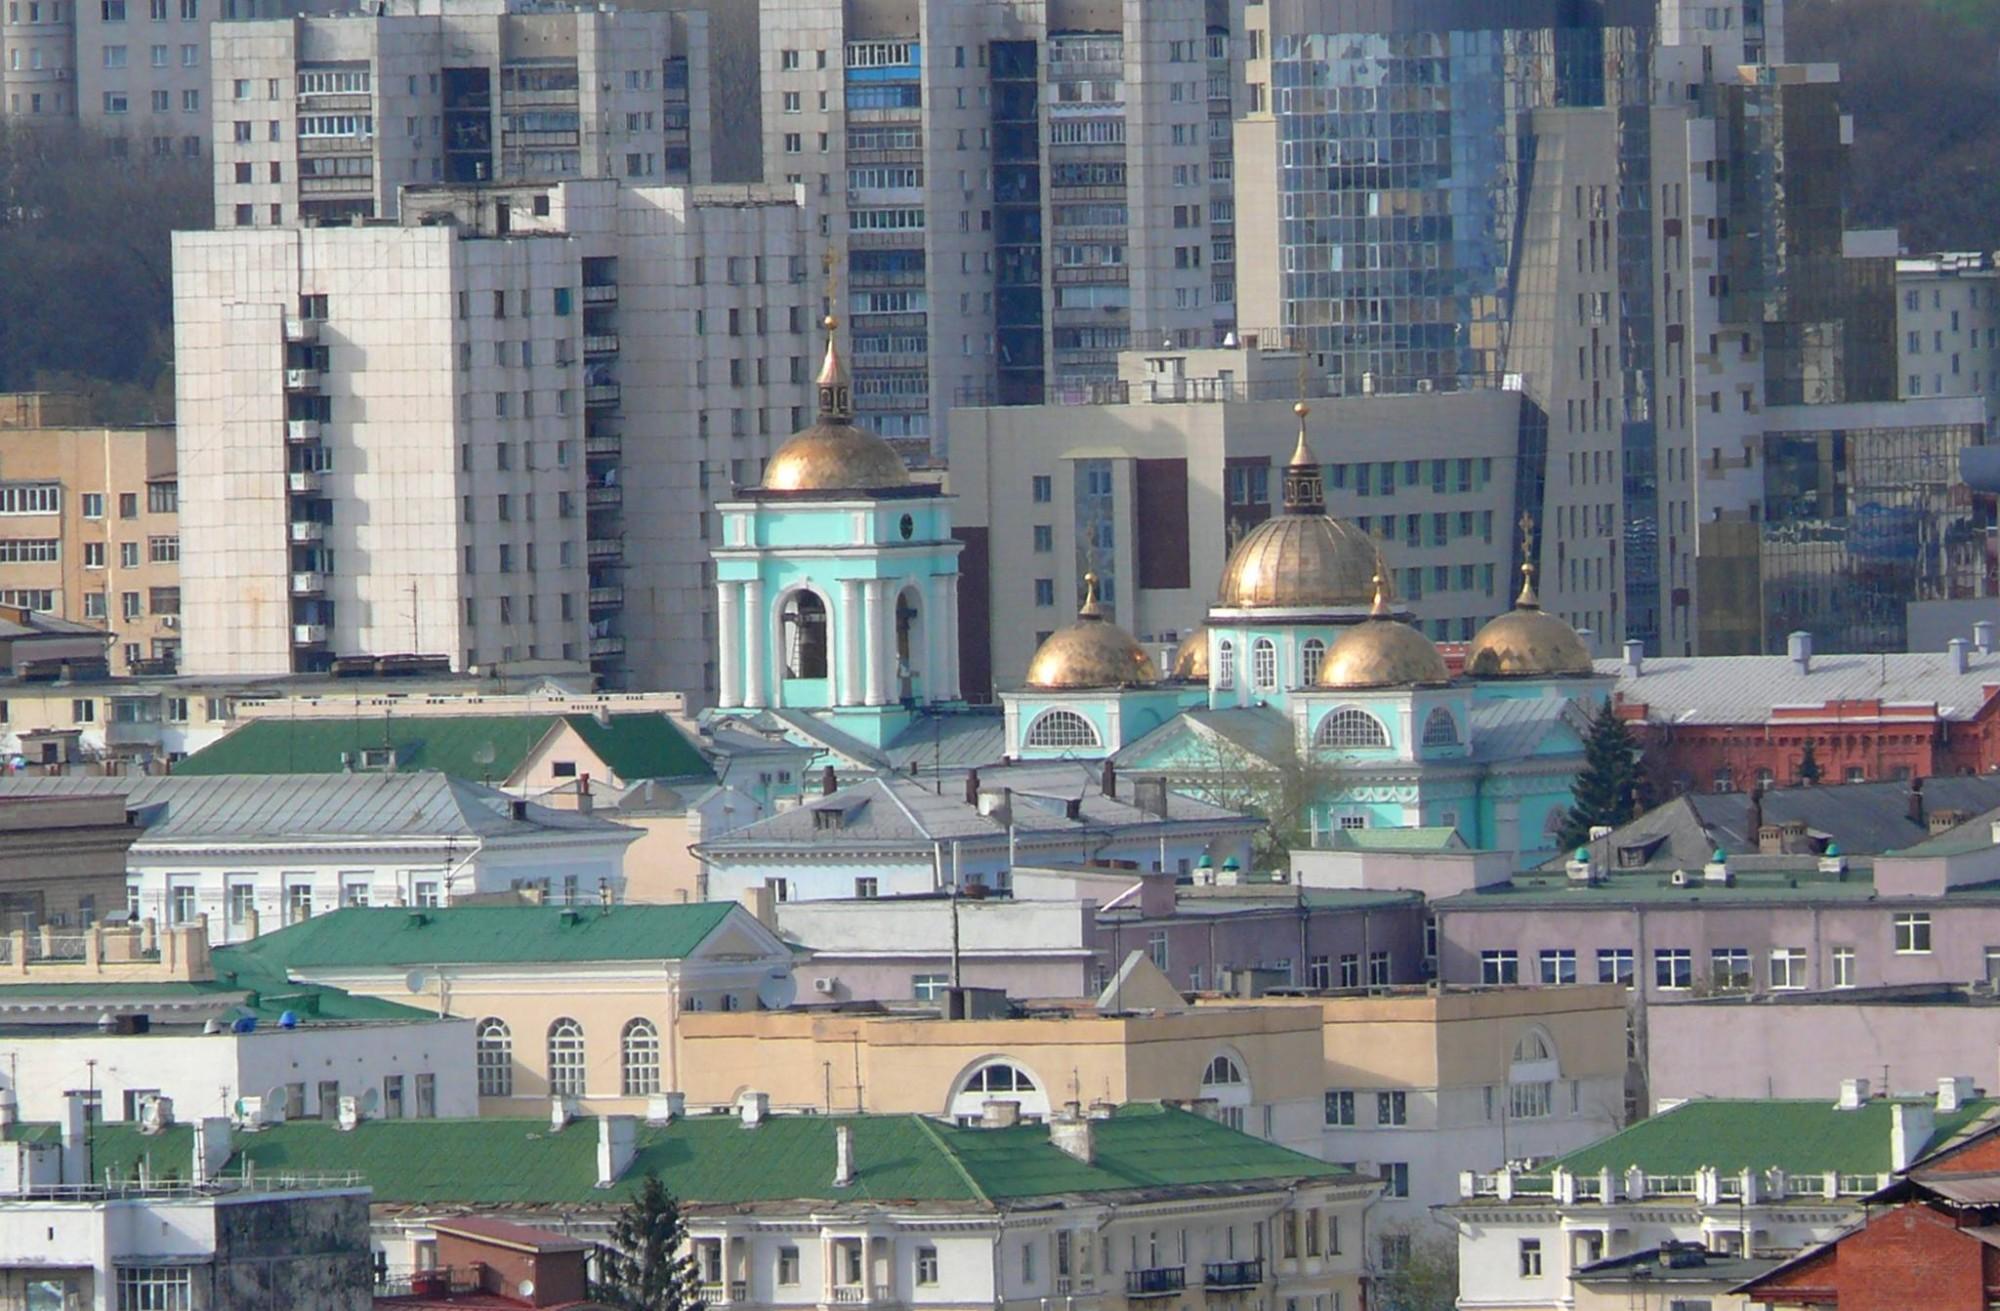 Вид на Преображенский собор со смотровой площадки на Харьковской горе, 2010 год. Фото Е.Заколодней